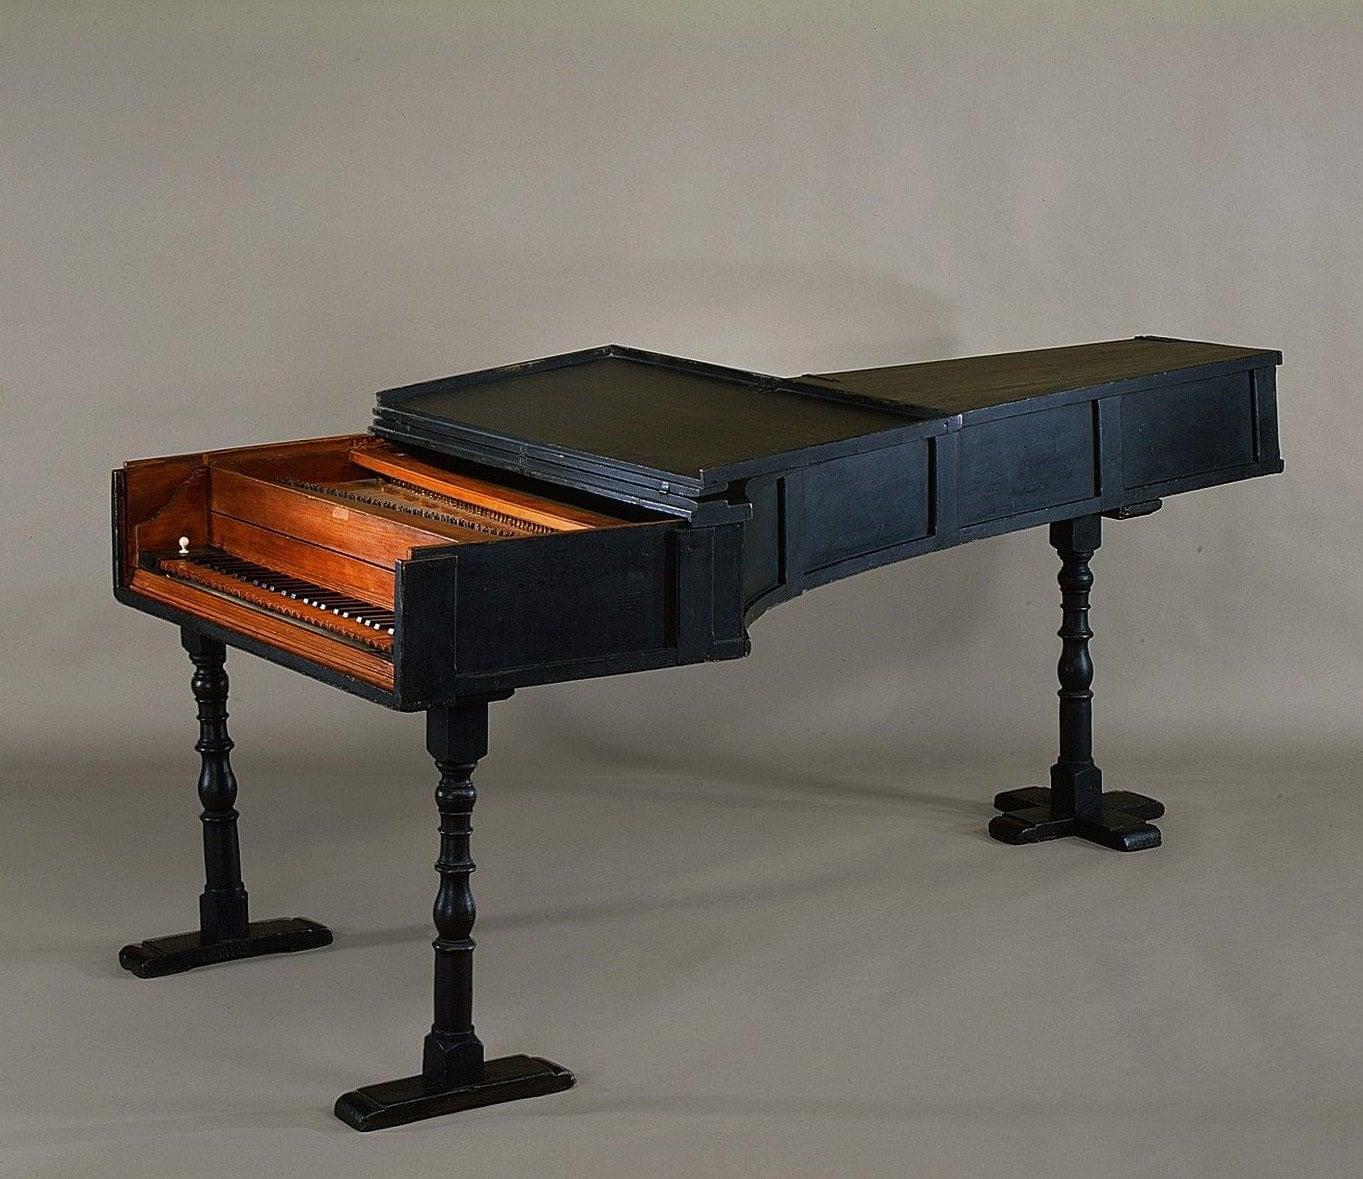 Piano%20constru%C3%ADdo%20por%20Bartolomeo%20Cristofori.%20Fonrte%3A%20https%3A%2F%2Fi.pinimg.com%2Foriginals%2Ff4%2F18%2F05%2Ff41805168581af066ba962bccf1e25ca.jpg